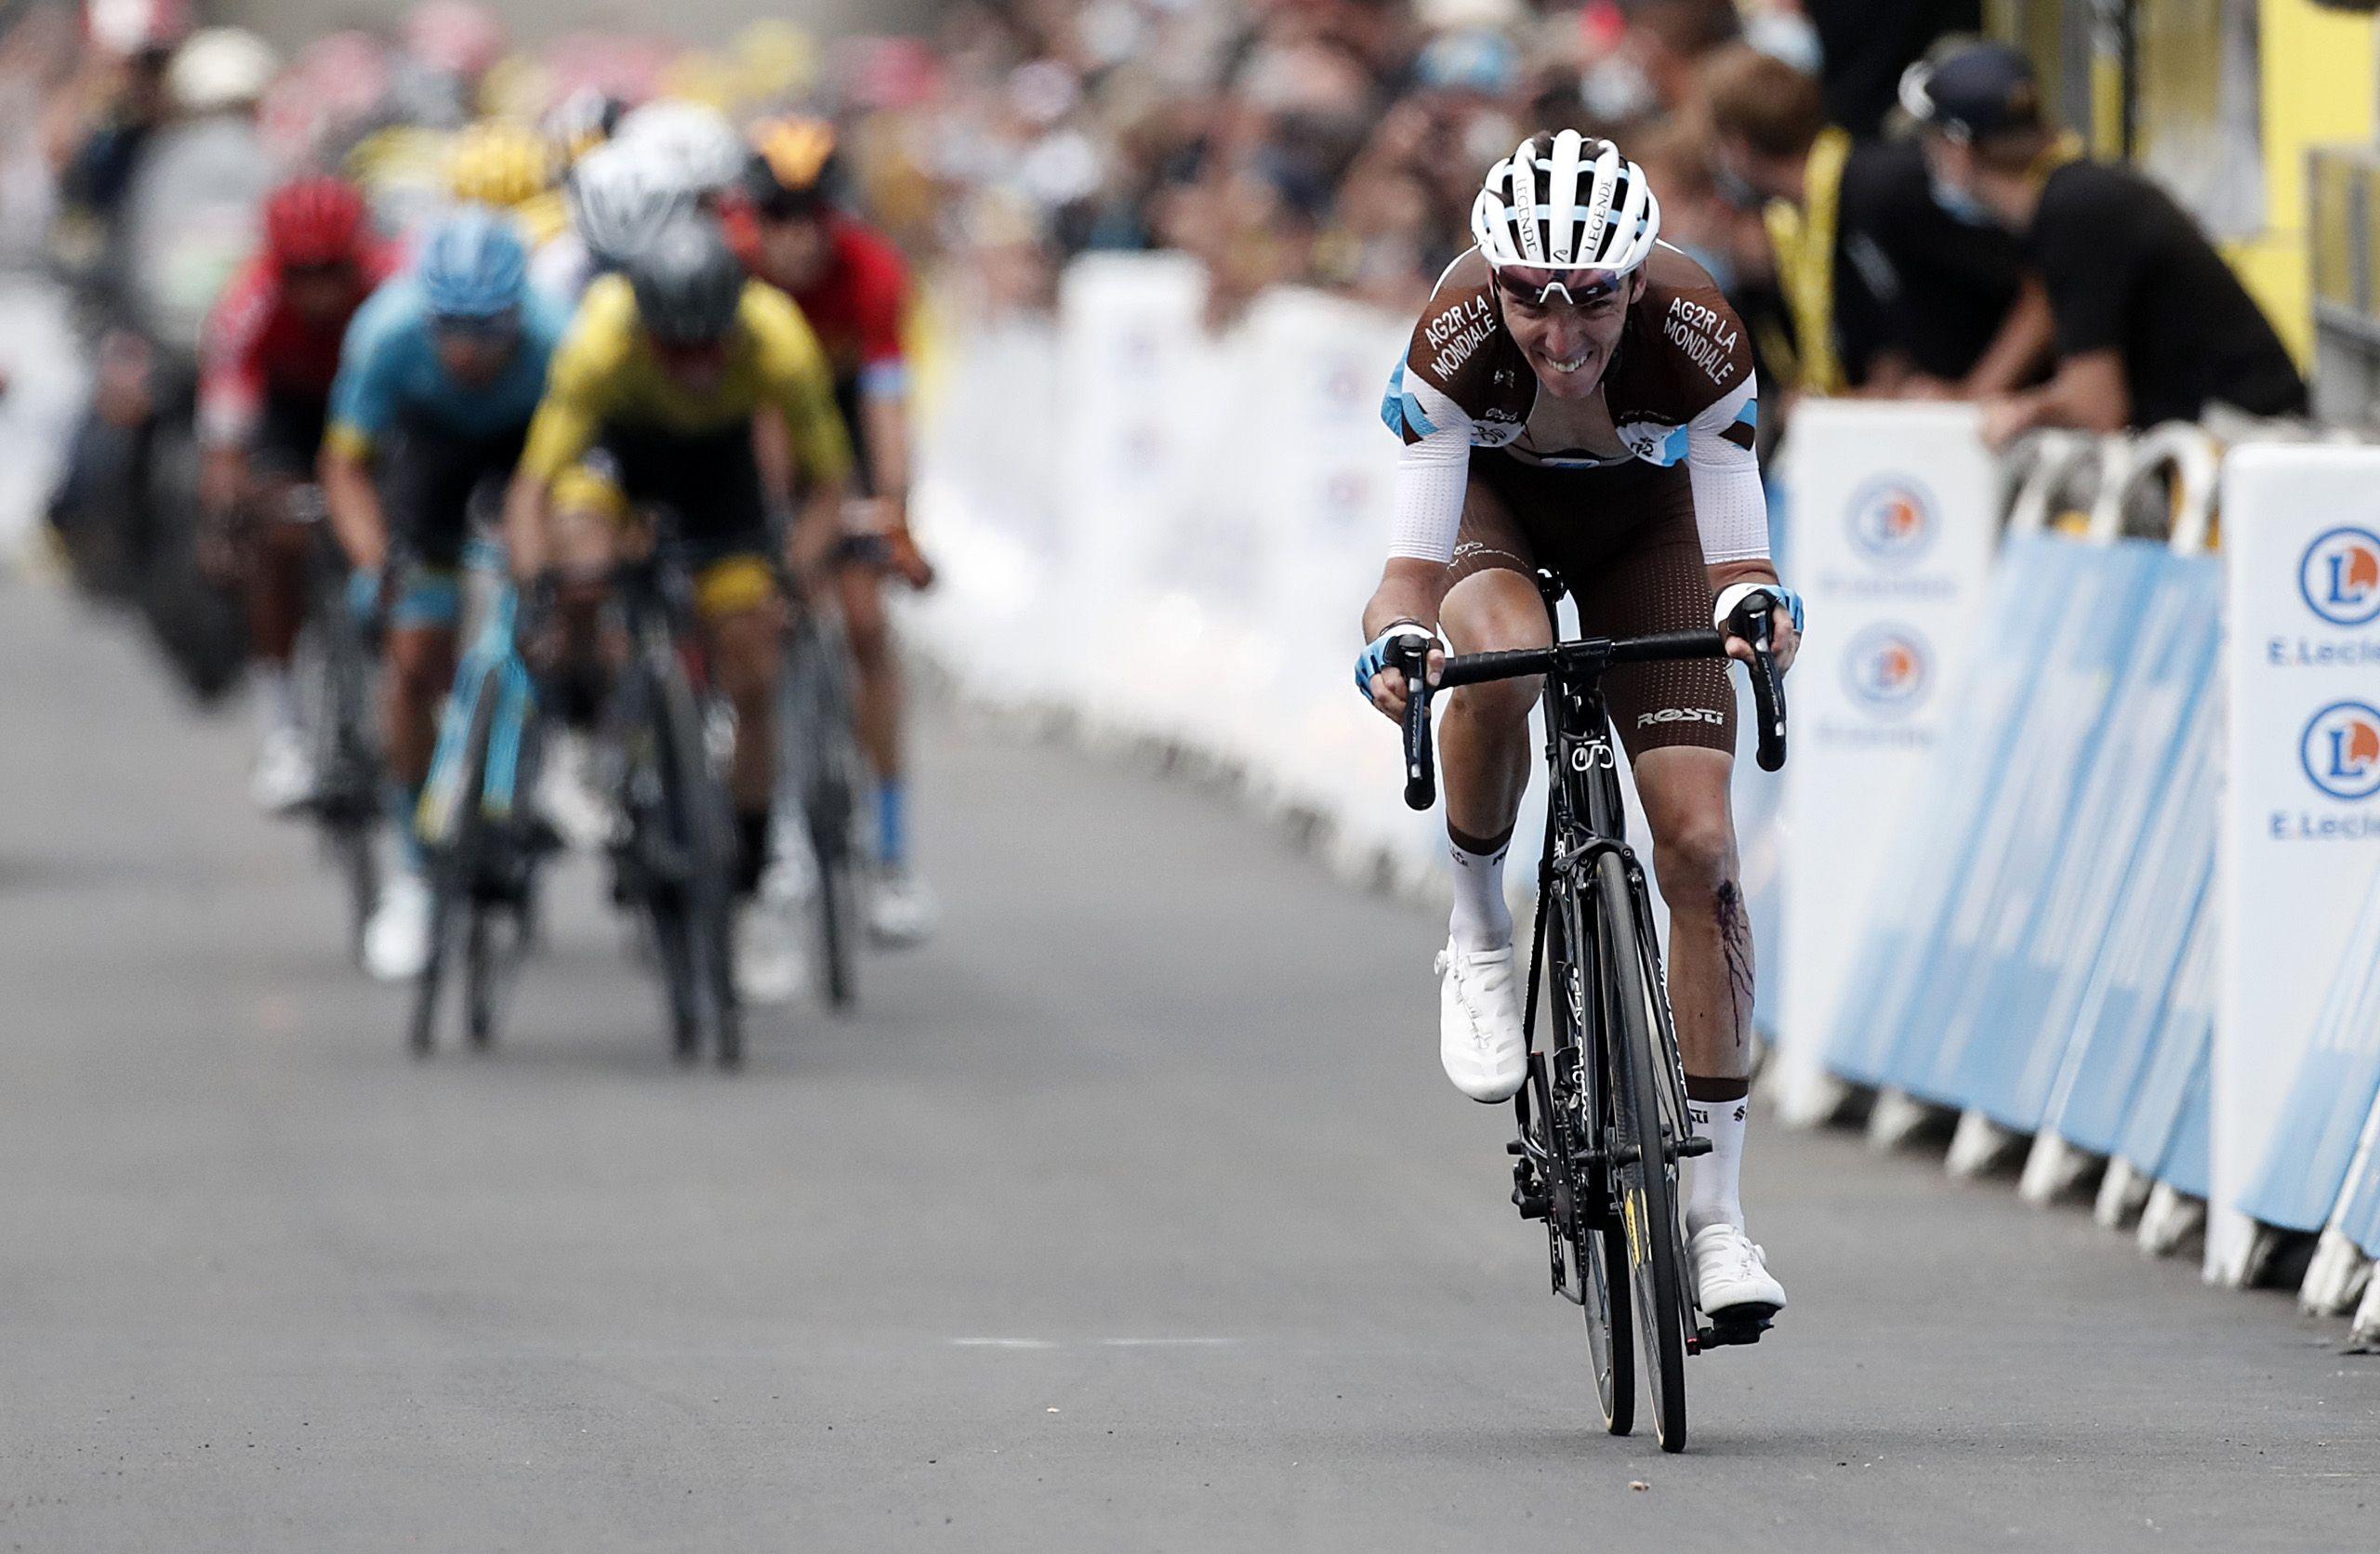 107th Tour de France 2020 - Stage 8